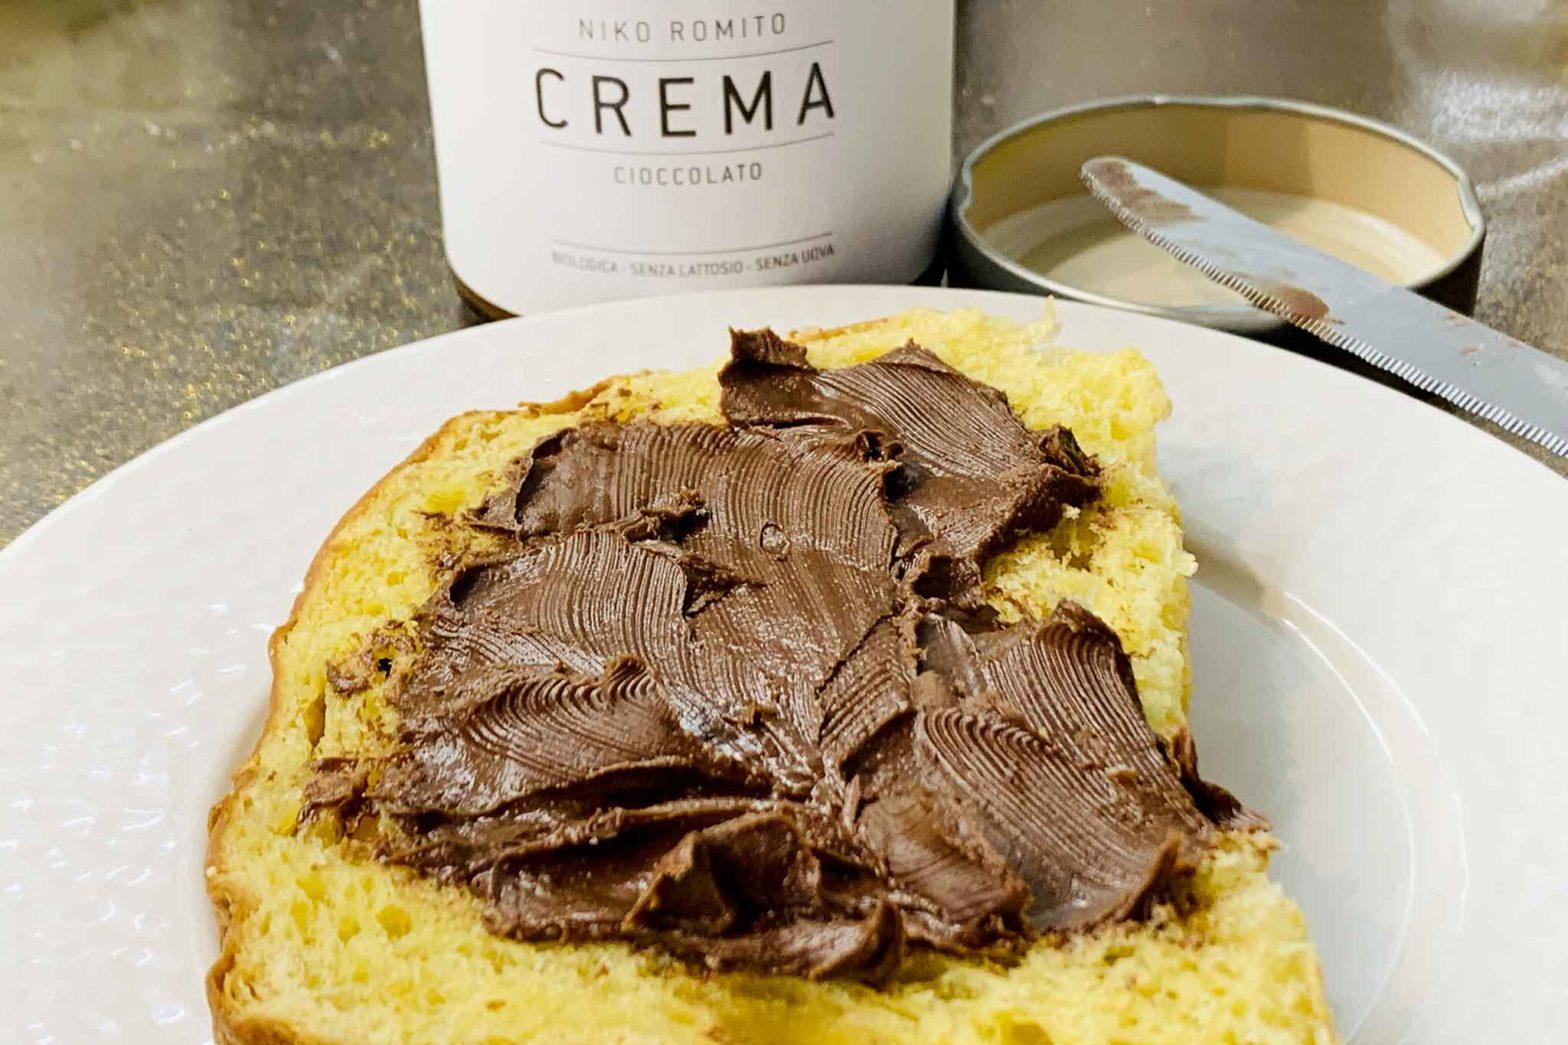 Niko Romito colazione pandolce con crema al cioccolato